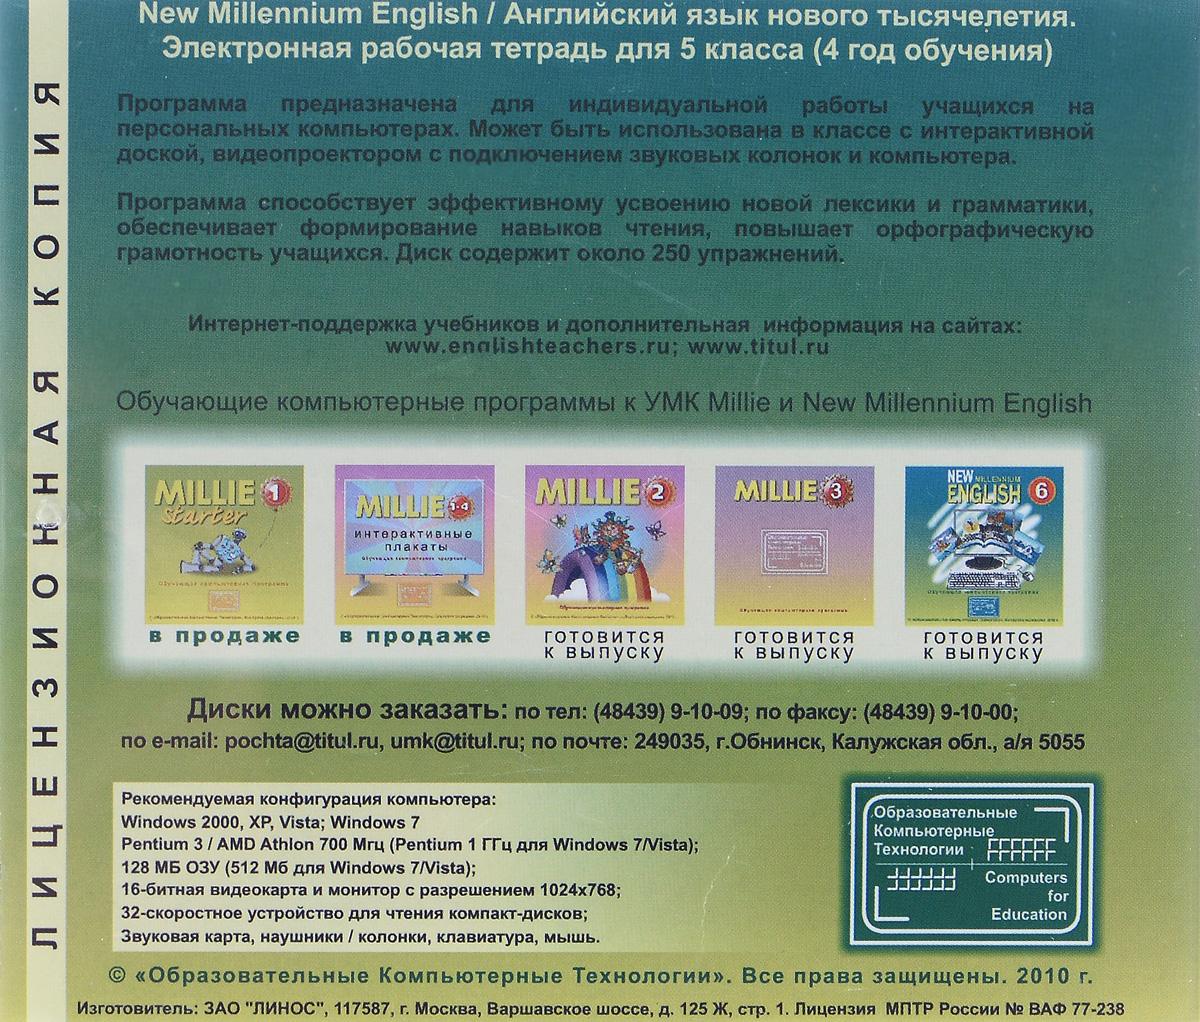 New Millennium English 5 / Английский язык нового тысячелетия. 5 класс. Обучающая компьютерная программа